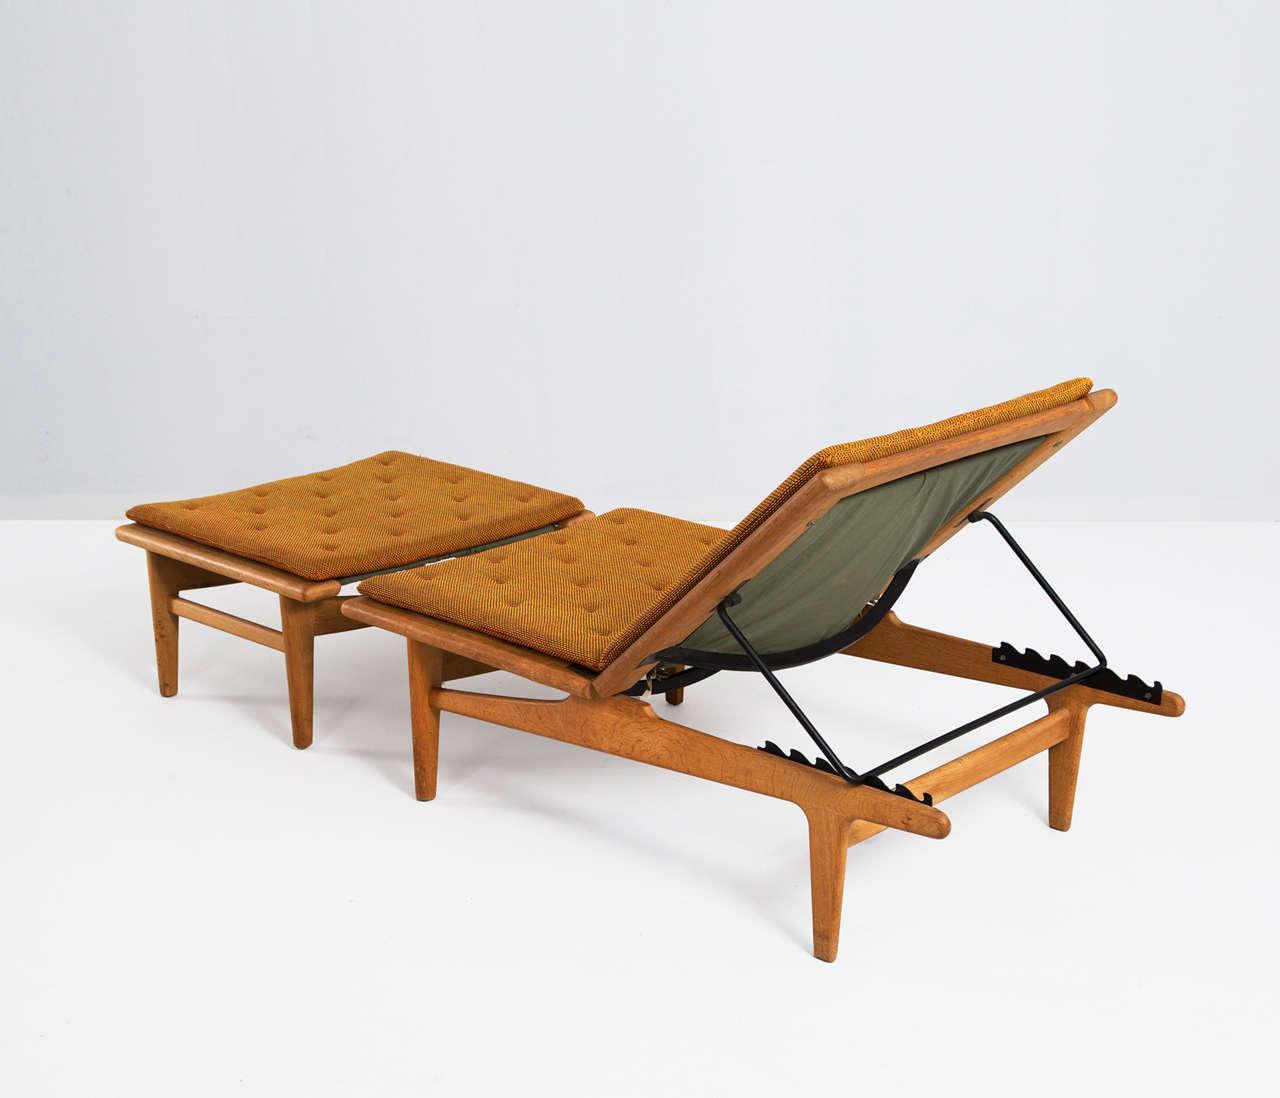 solid oak hans j wegner chaise longue for getama at 1stdibs. Black Bedroom Furniture Sets. Home Design Ideas